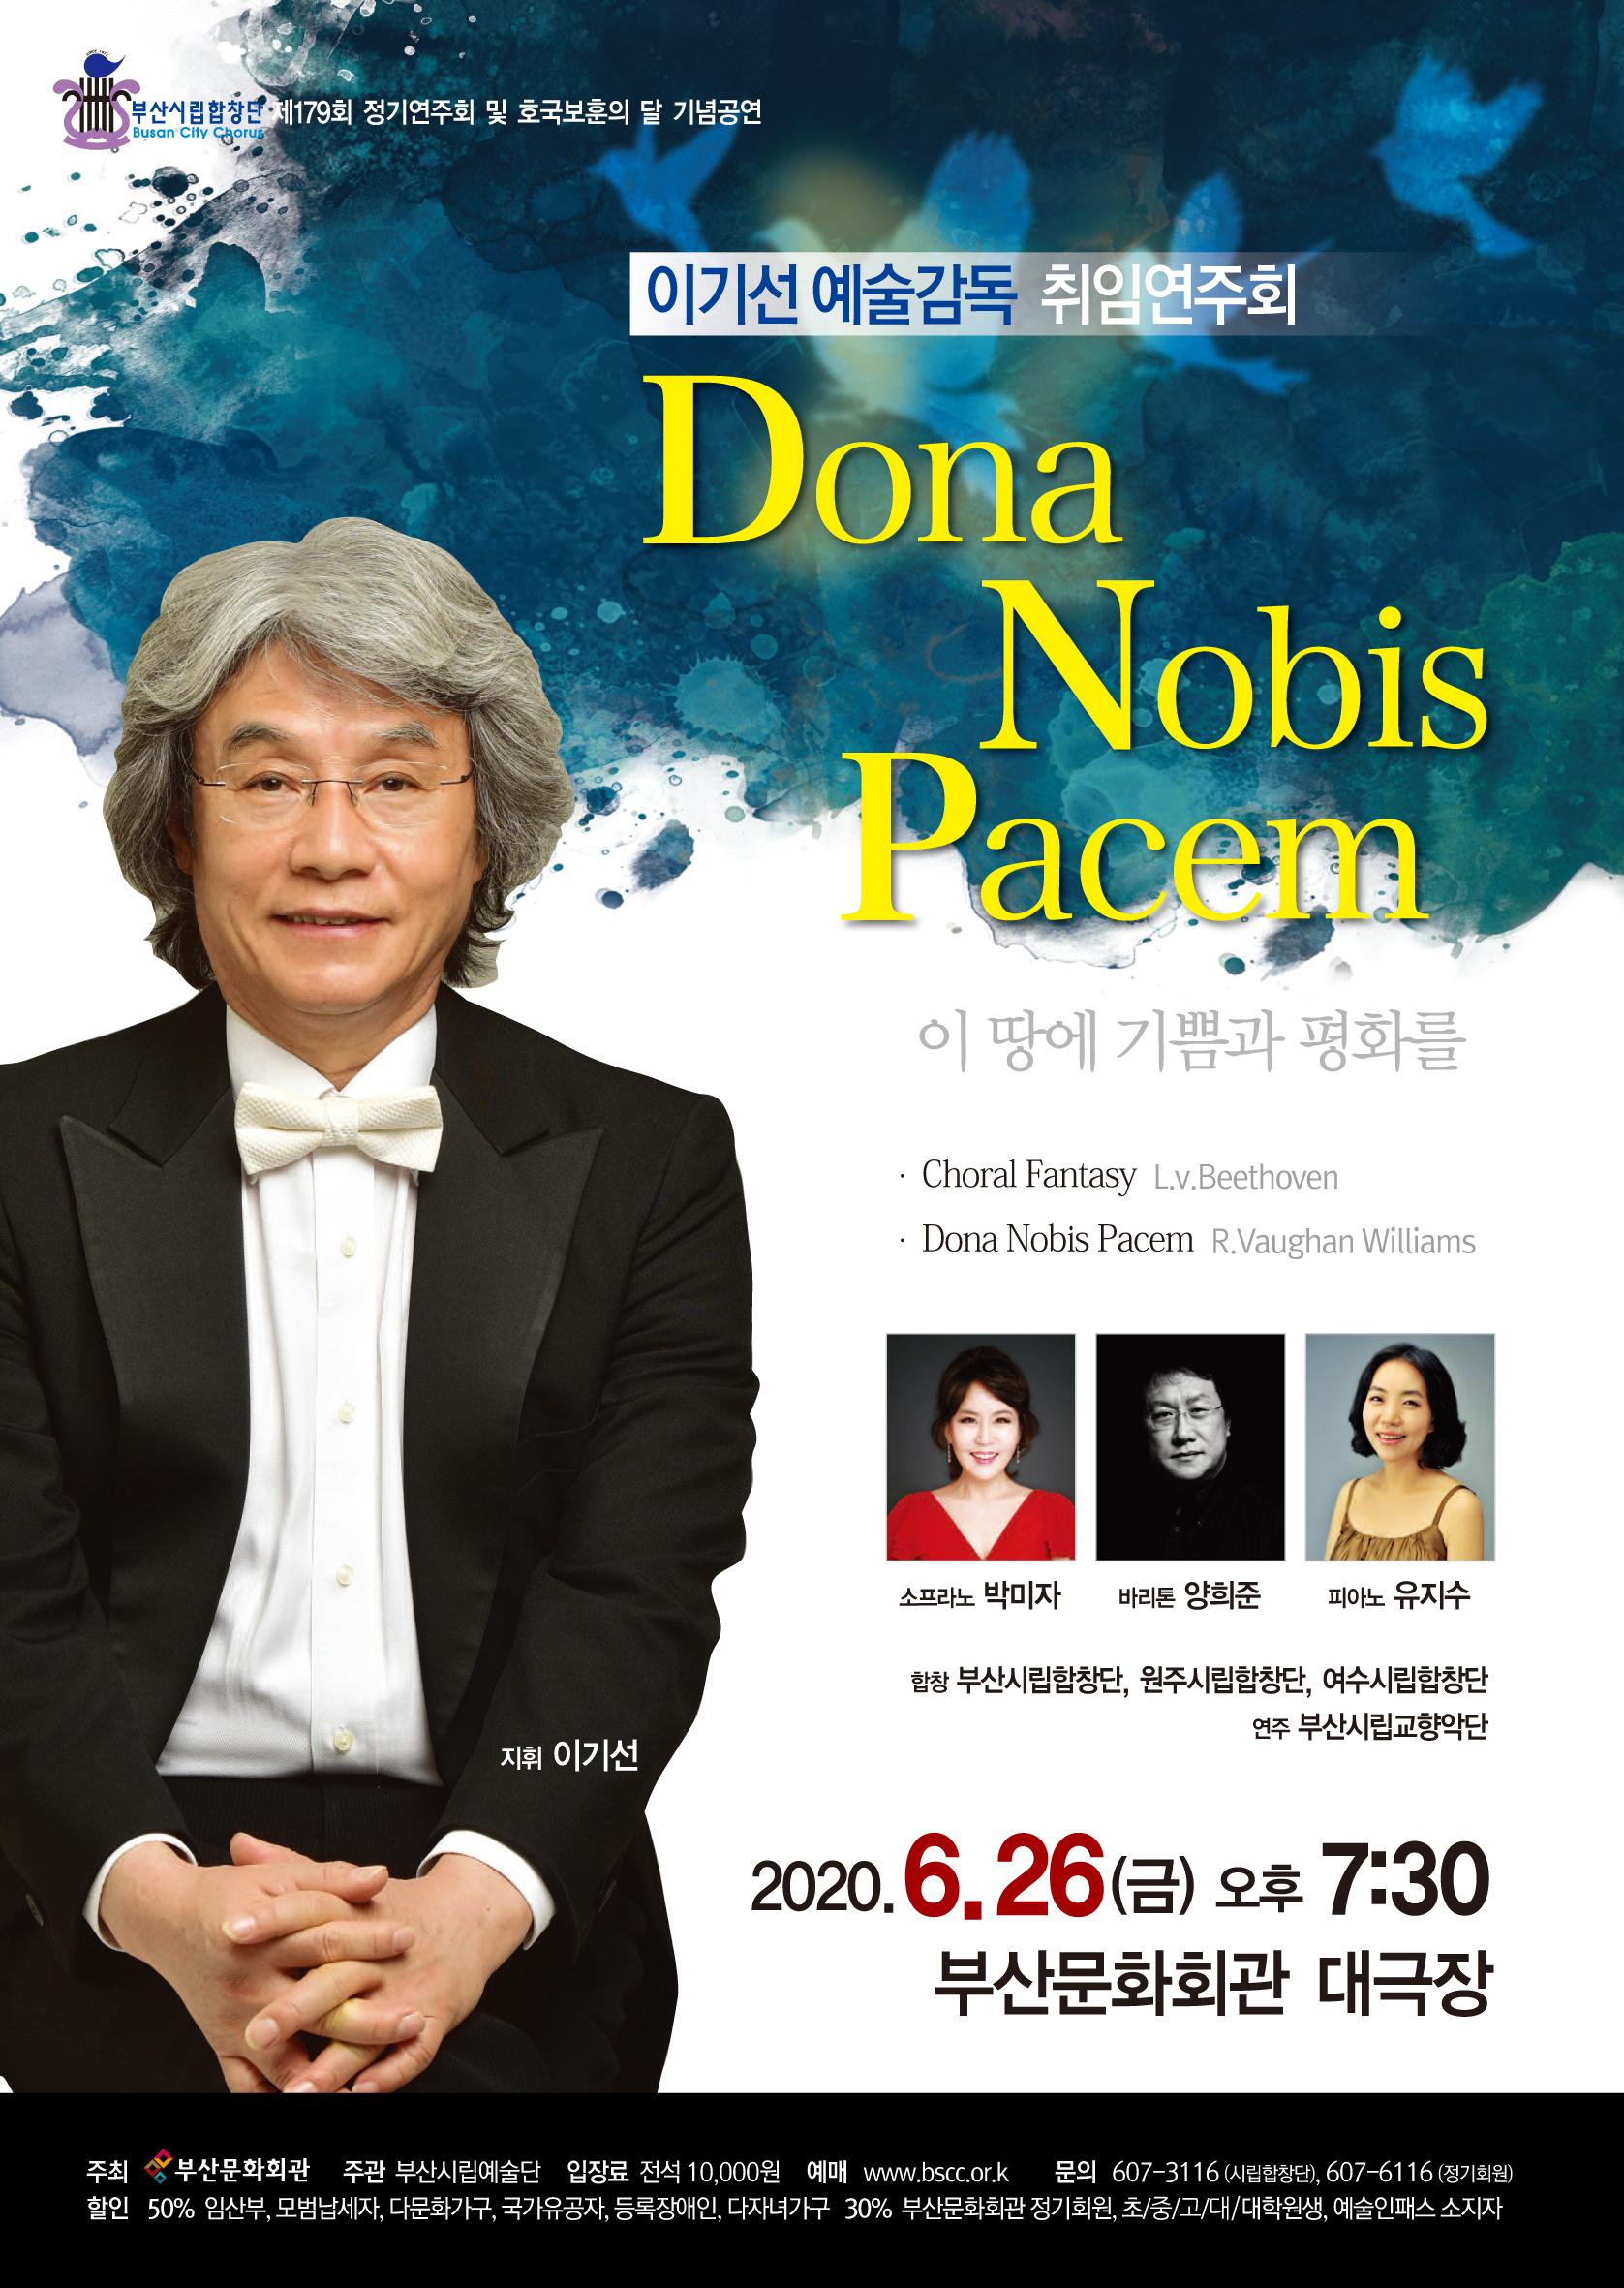 부산시립합창단 이기선예술감독 취임연주회 <Dona Nobis Pacem>